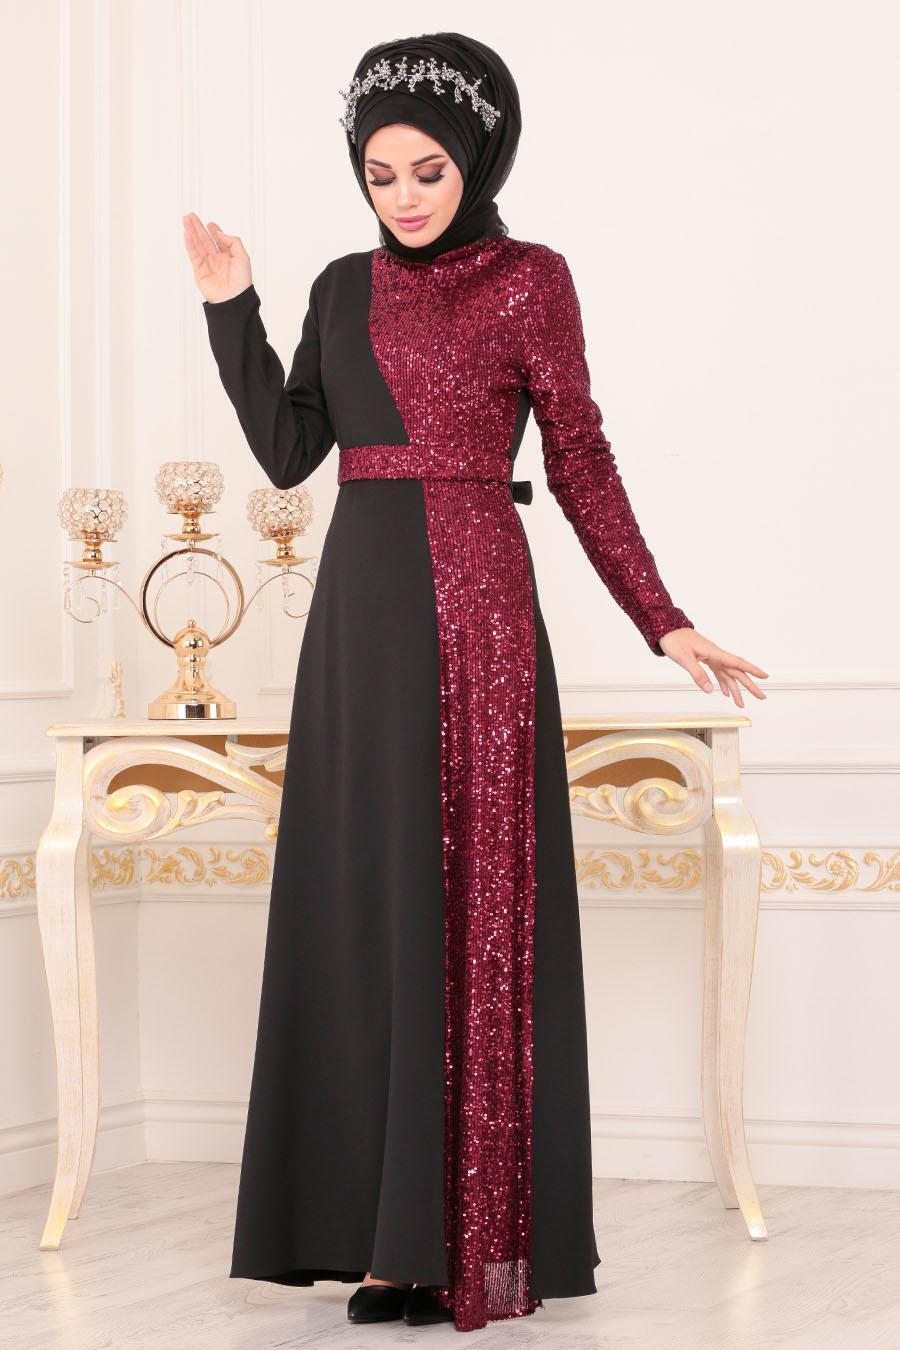 Tesettürlü Abiye Elbise - Pul Payetli Bordo Tesettür Abiye Elbise 8611BR